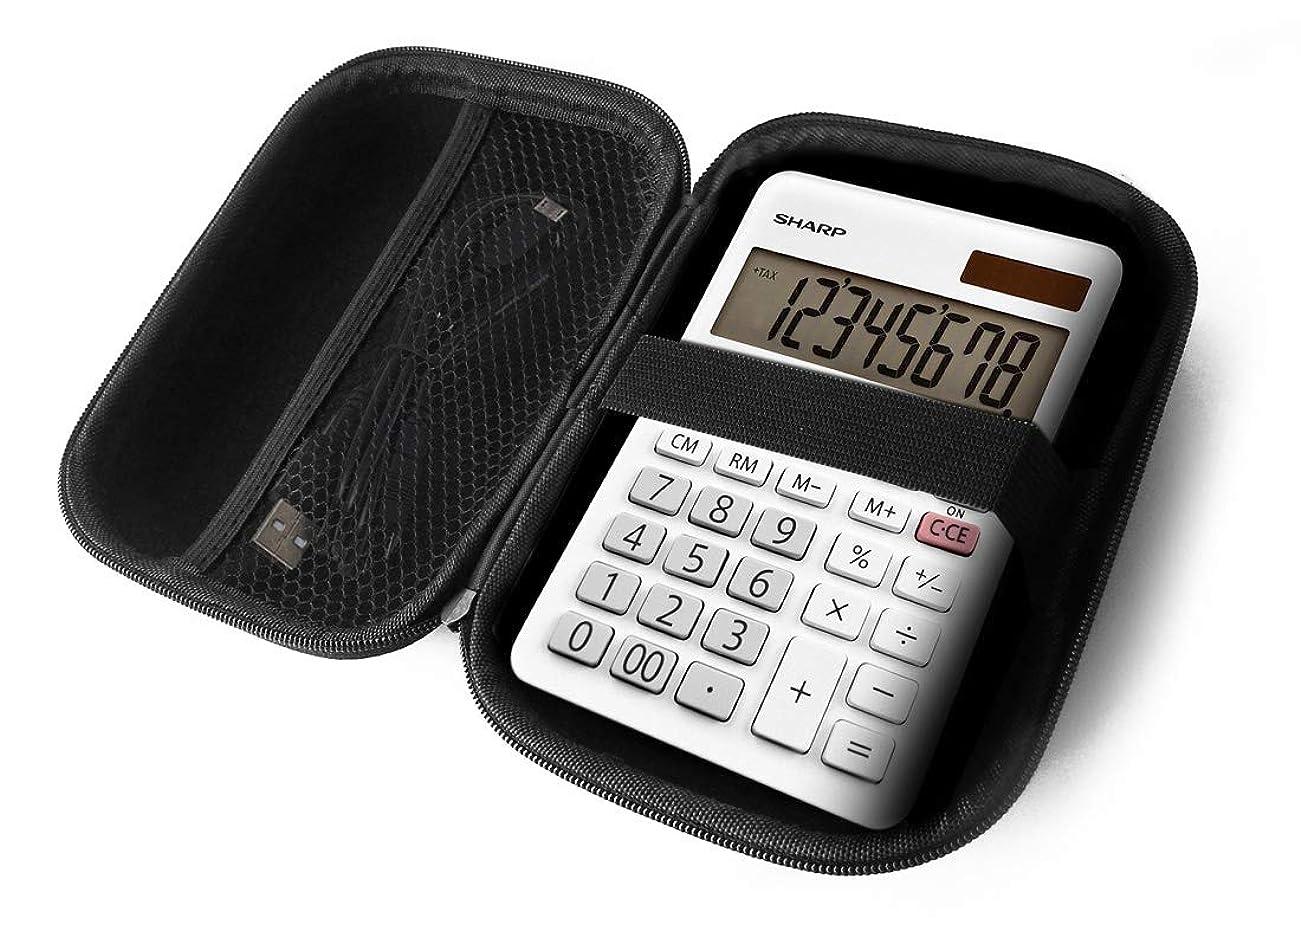 ミスのりクリックFitSand ハードケース Sharp EL-310WB ミニデスクトップ計算機